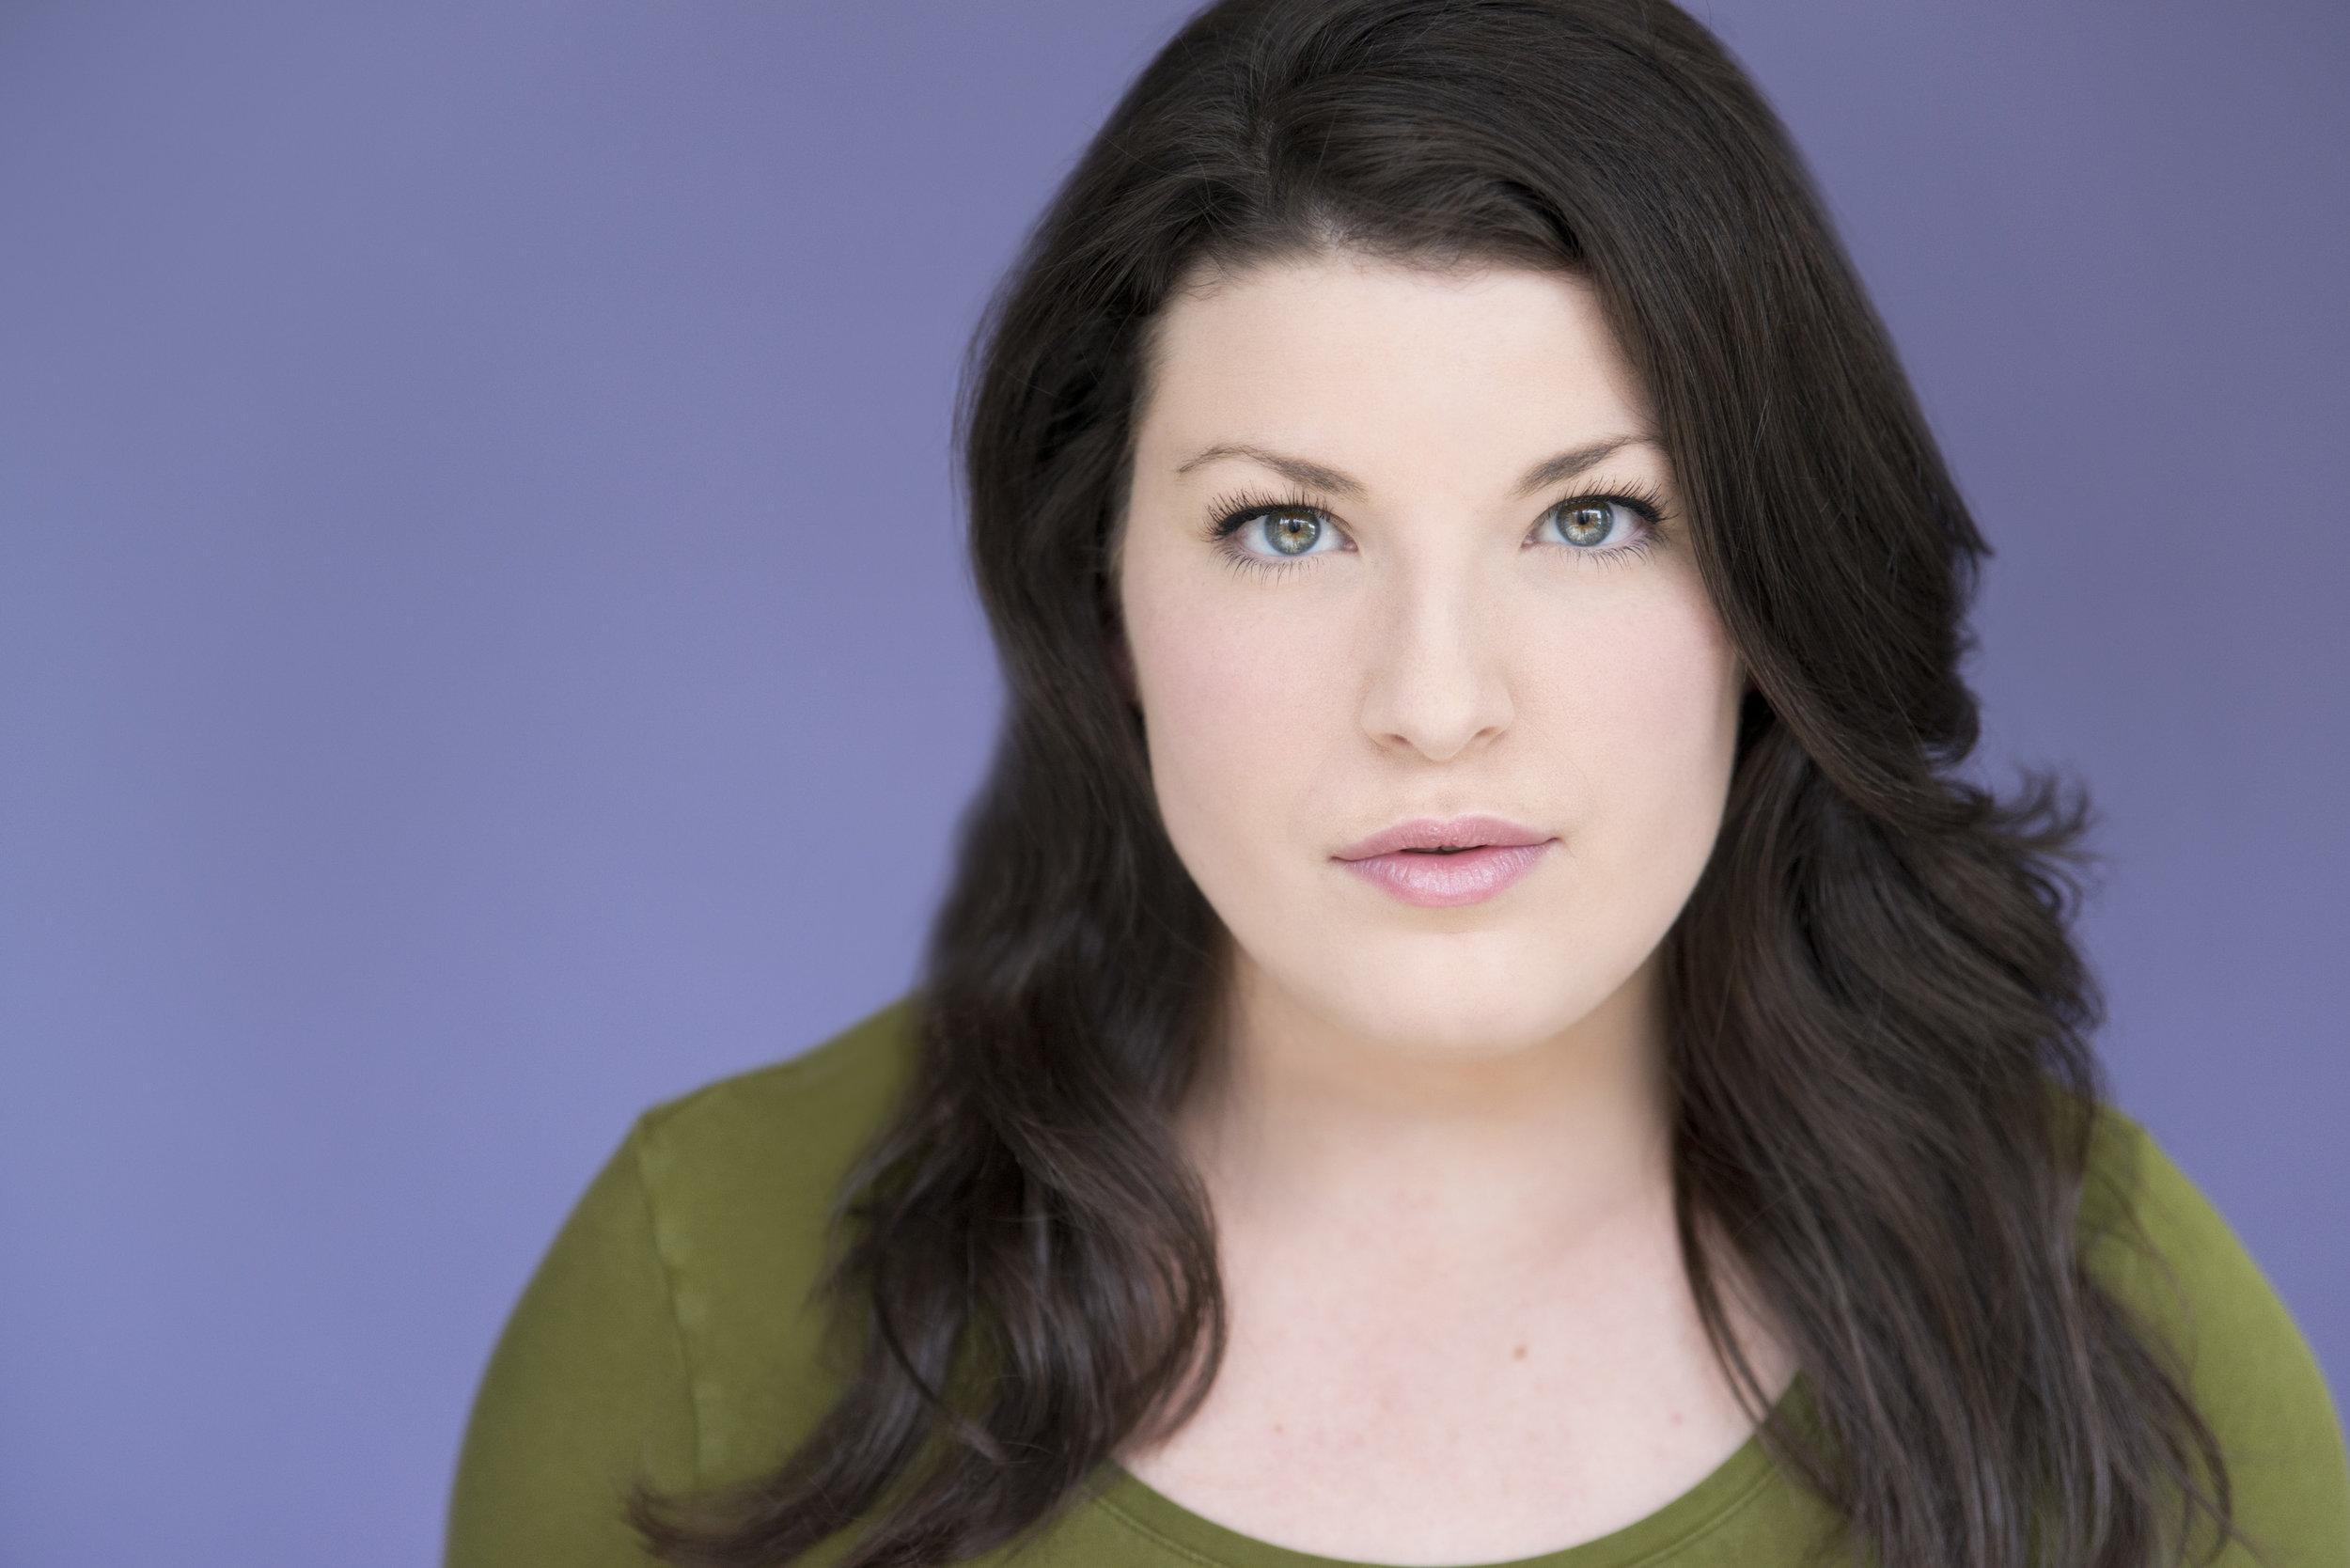 Claire Manship